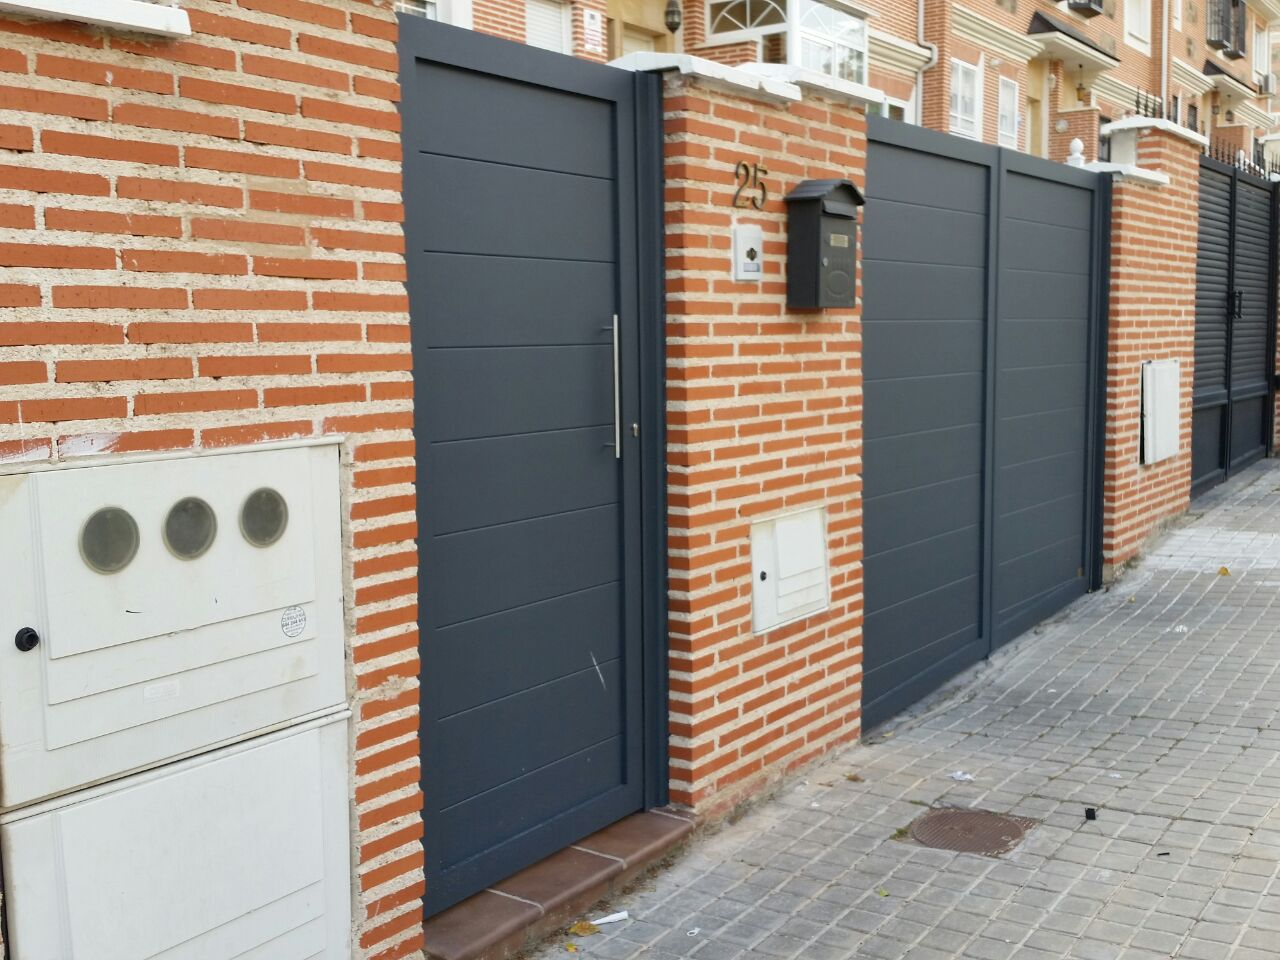 Puertas de aluminio soldado y vallas grupo marver for Puertas de calle aluminio precios